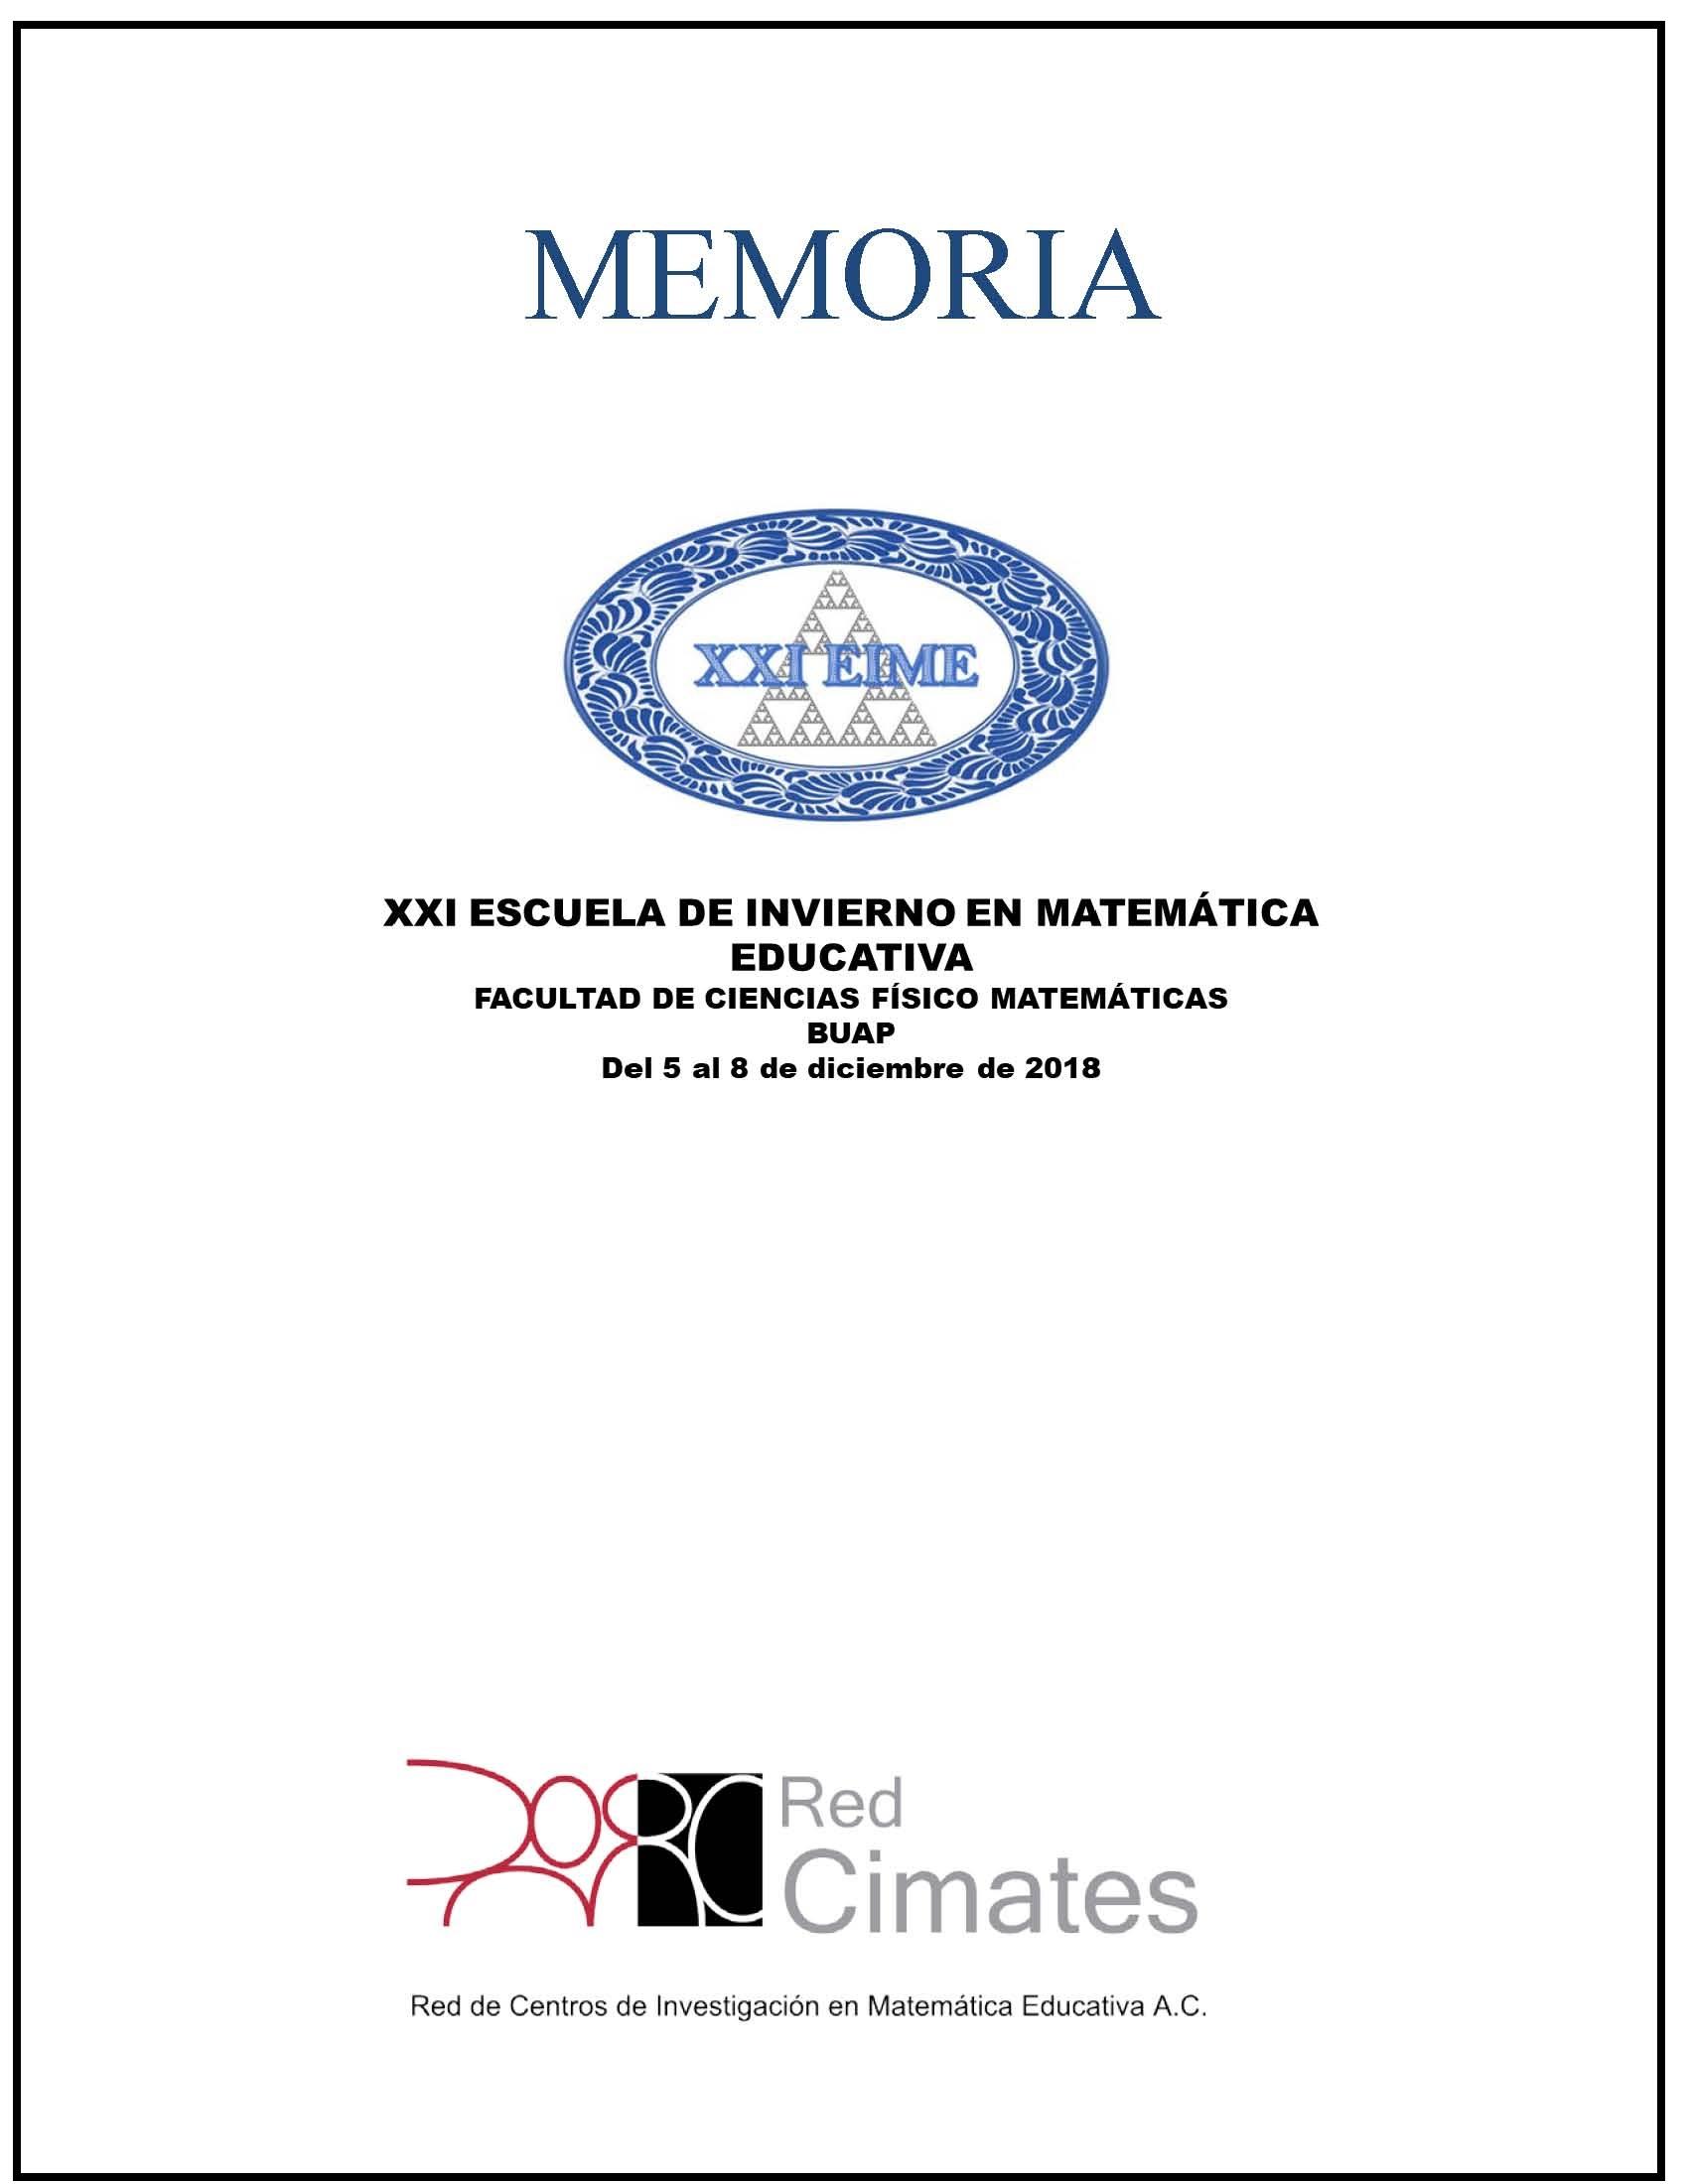 MemoriasColima